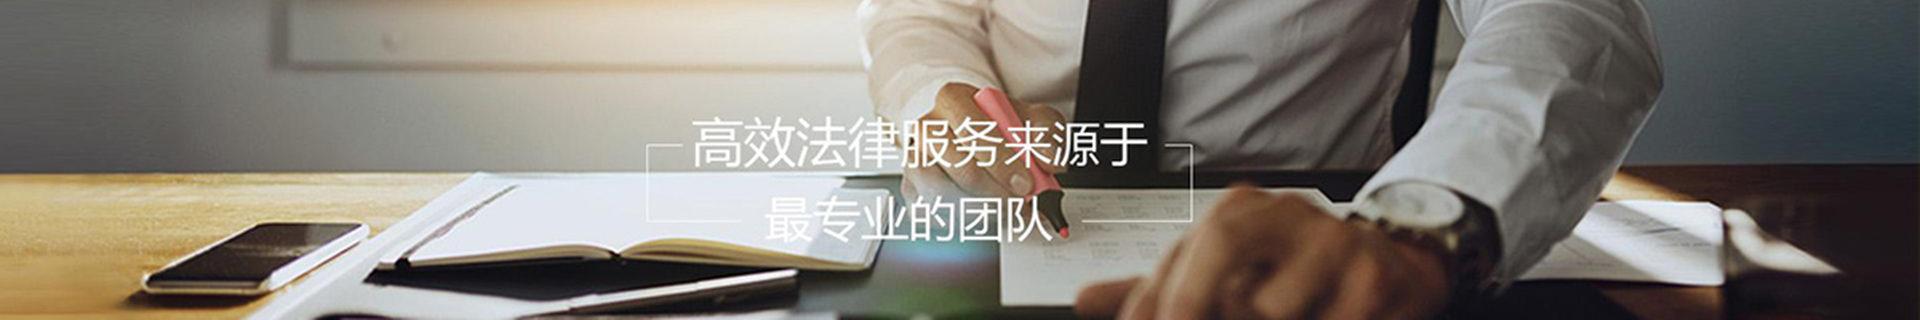 上海松江律师网6